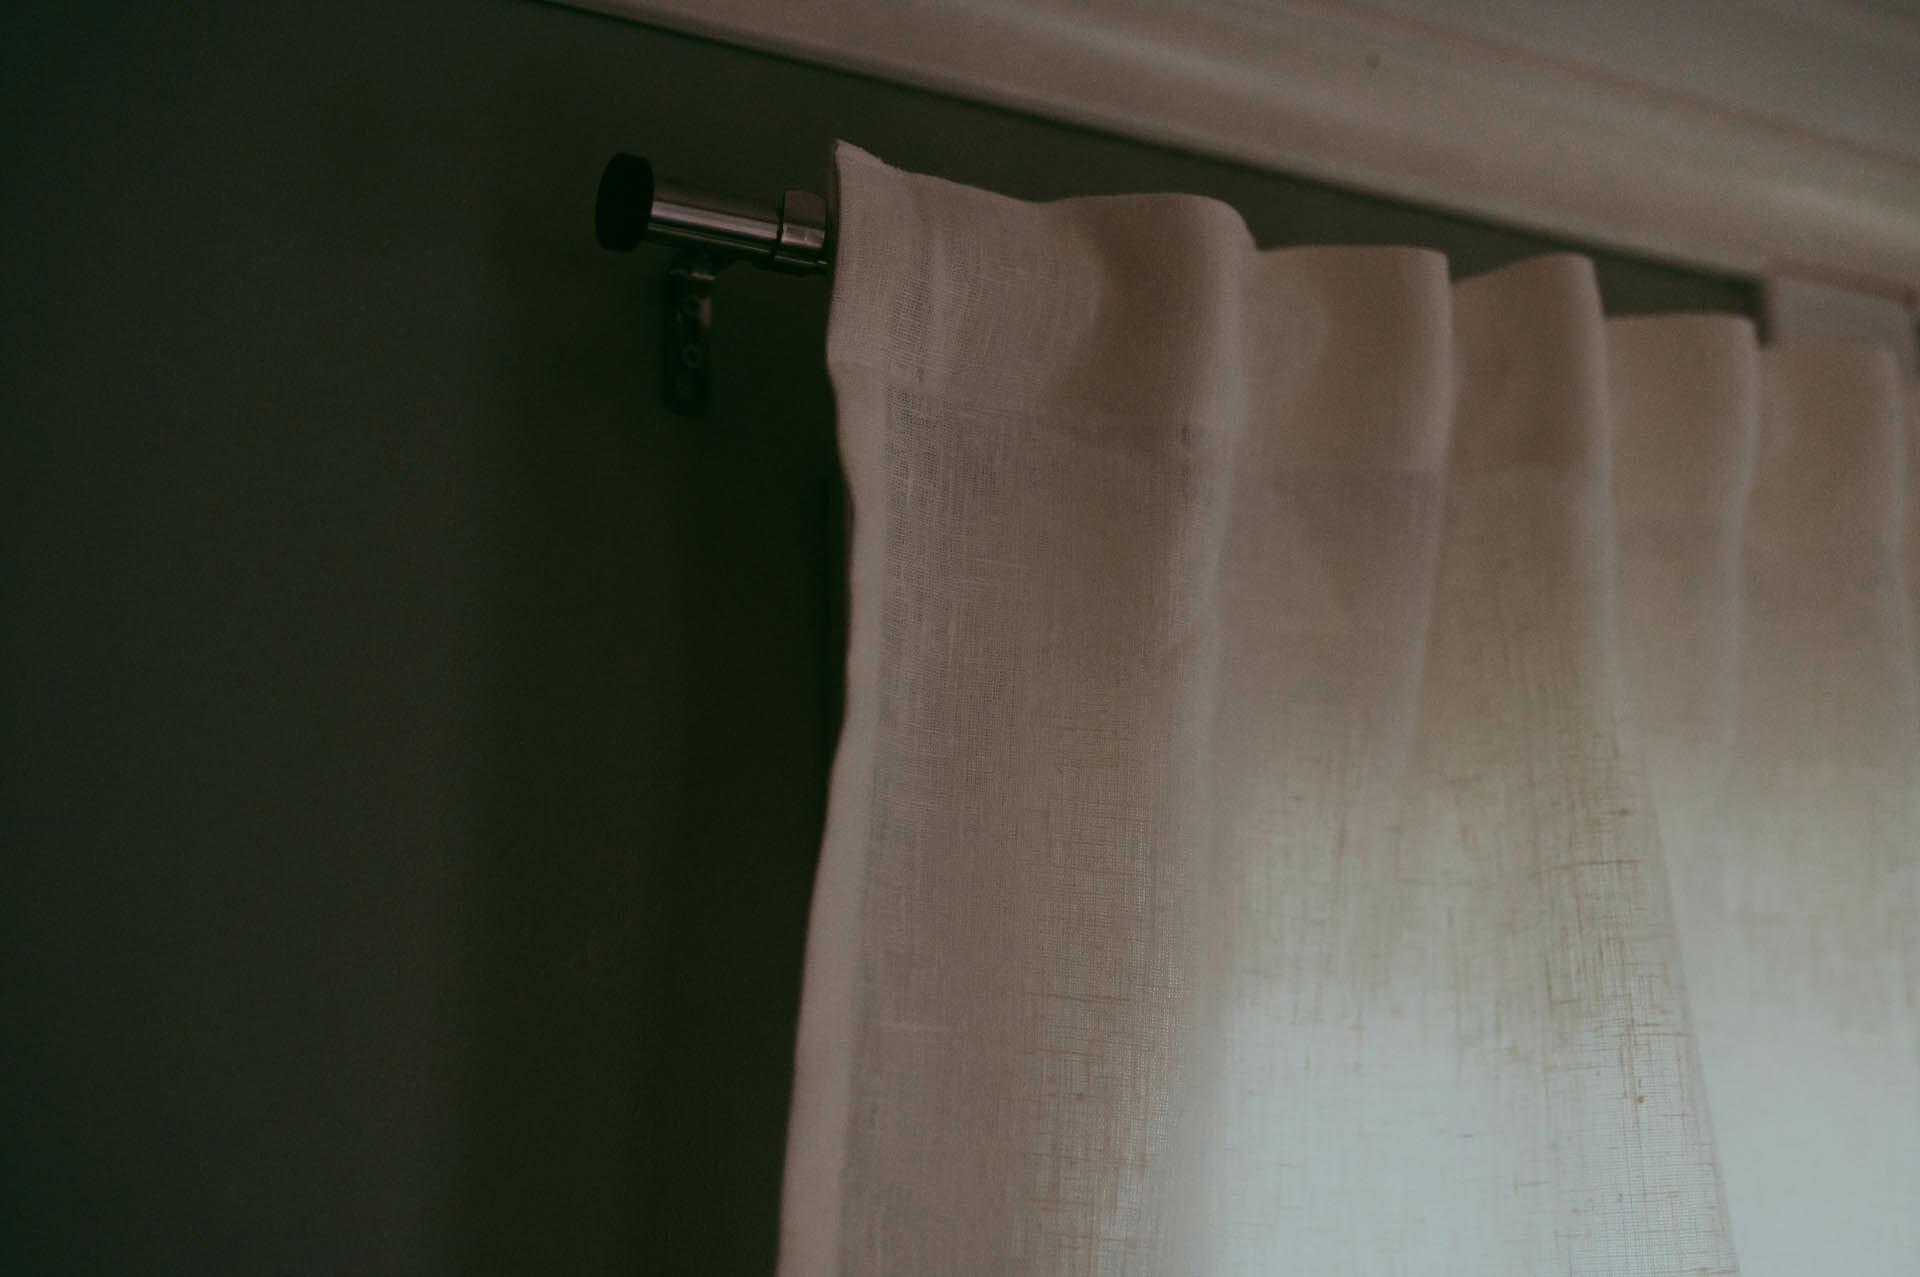 vit linne gardin kappa på gardinsstång.